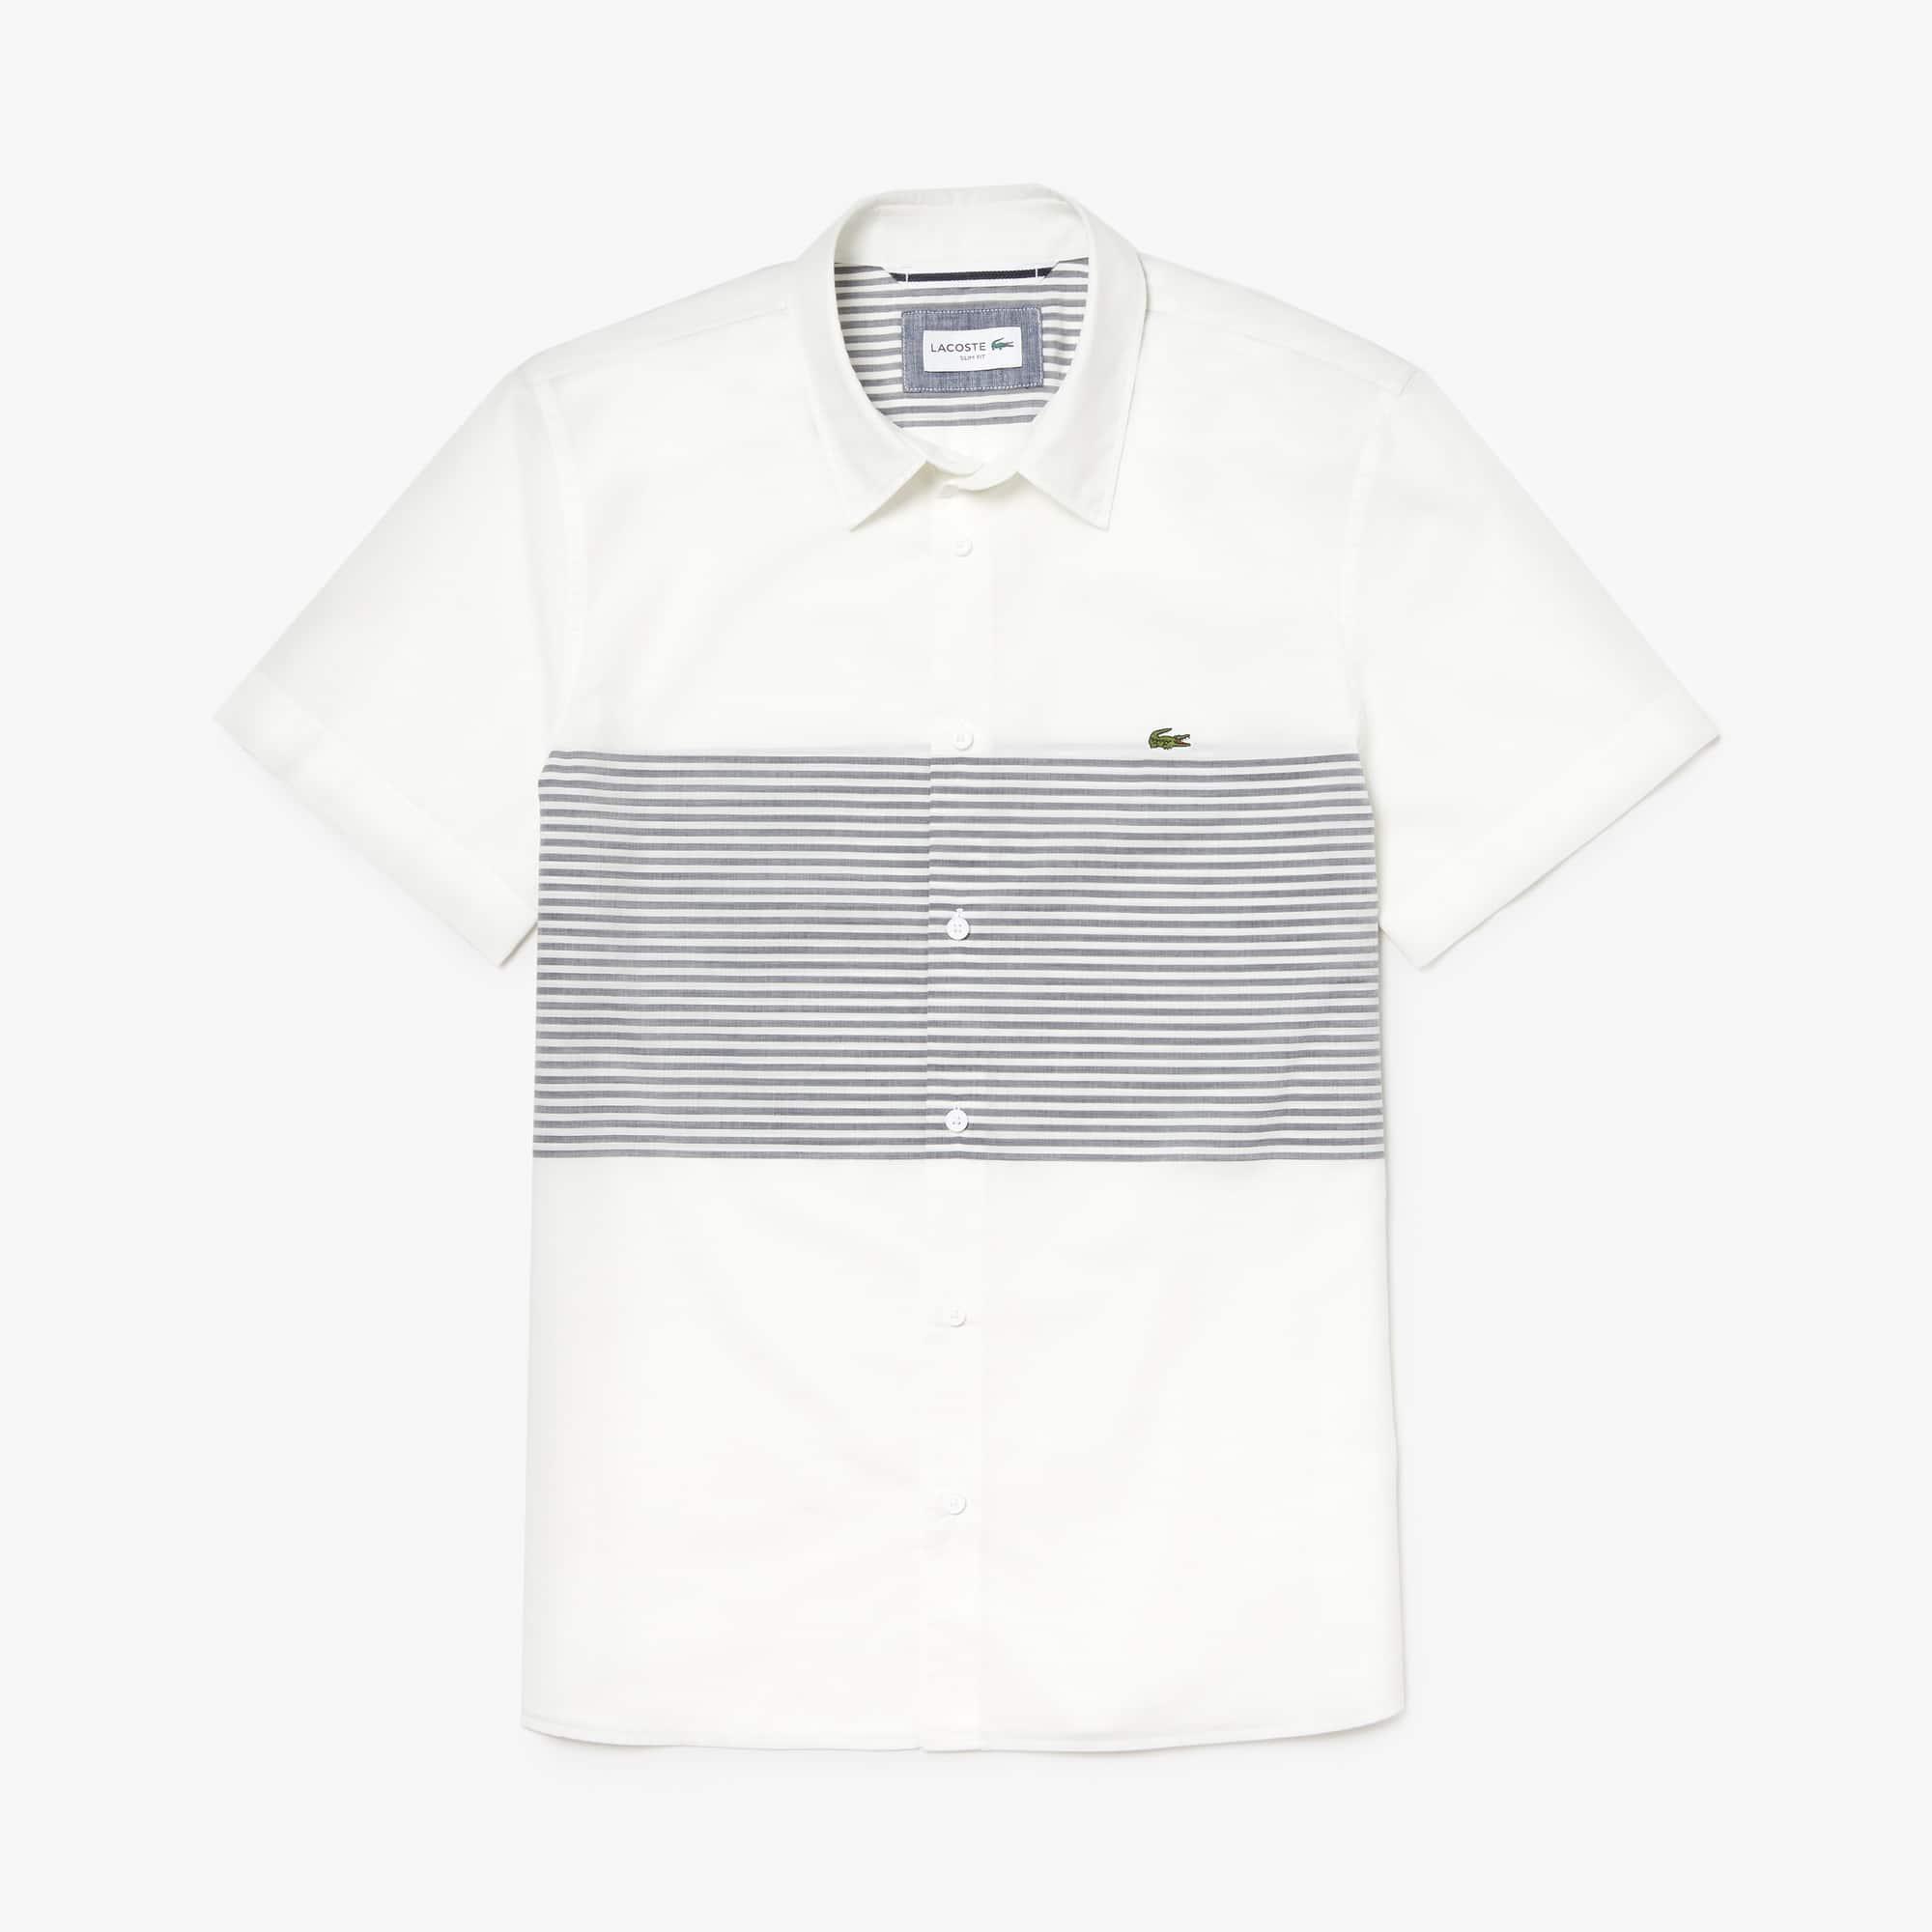 라코스테 Lacoste Mens Slim Fit Striped Cotton Poplin Shirt,white / navy blue